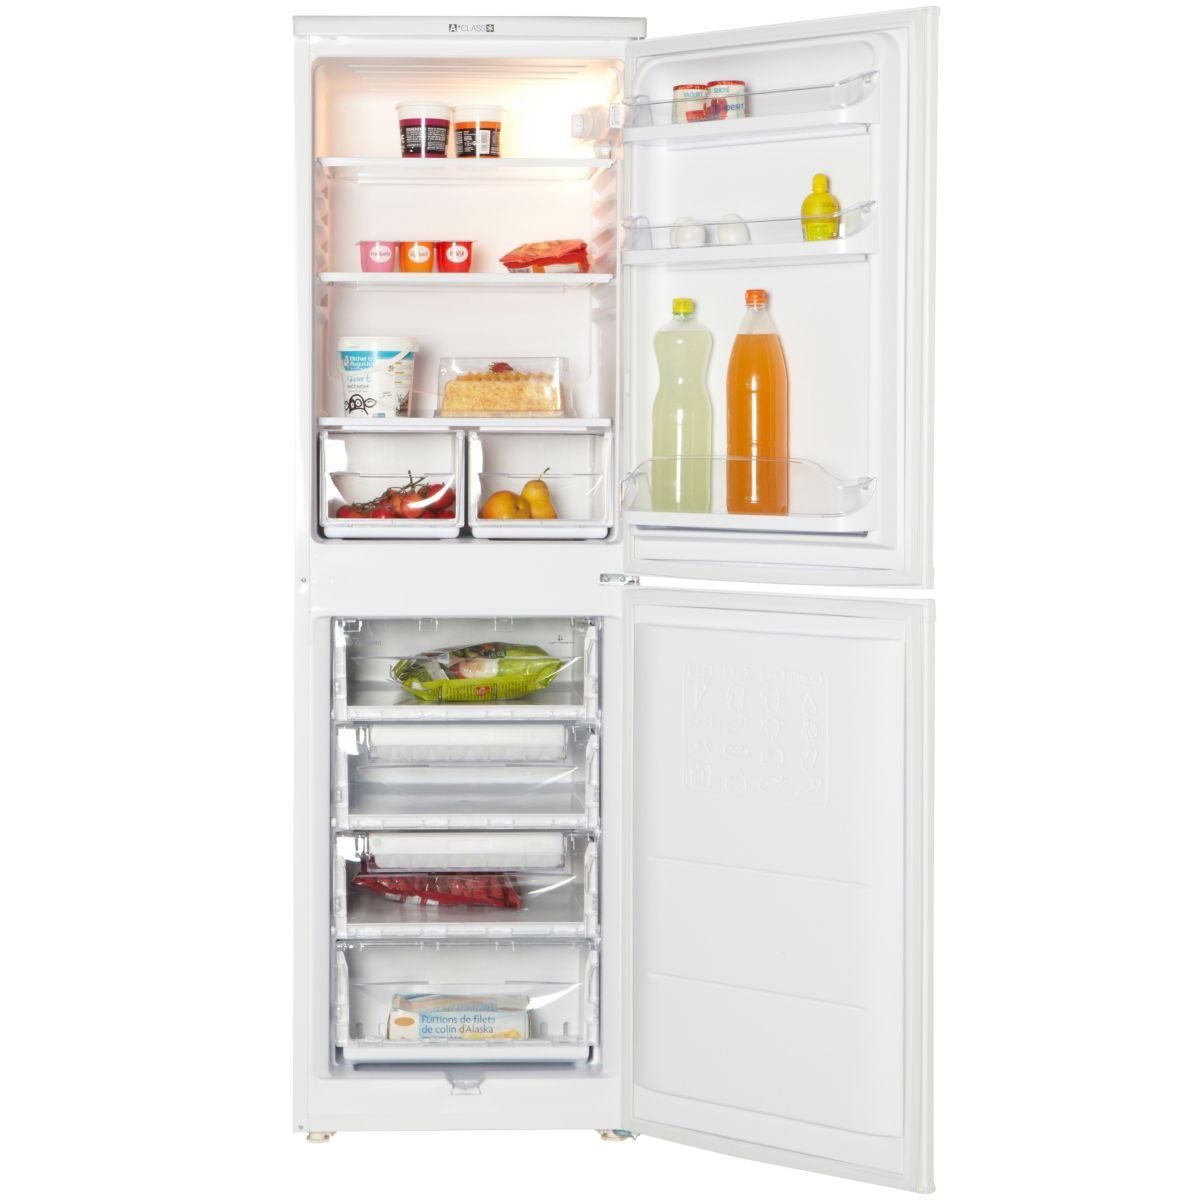 Réfrigérateur congélateur en bas indesit caa 55 - 2% de remise : code gam2